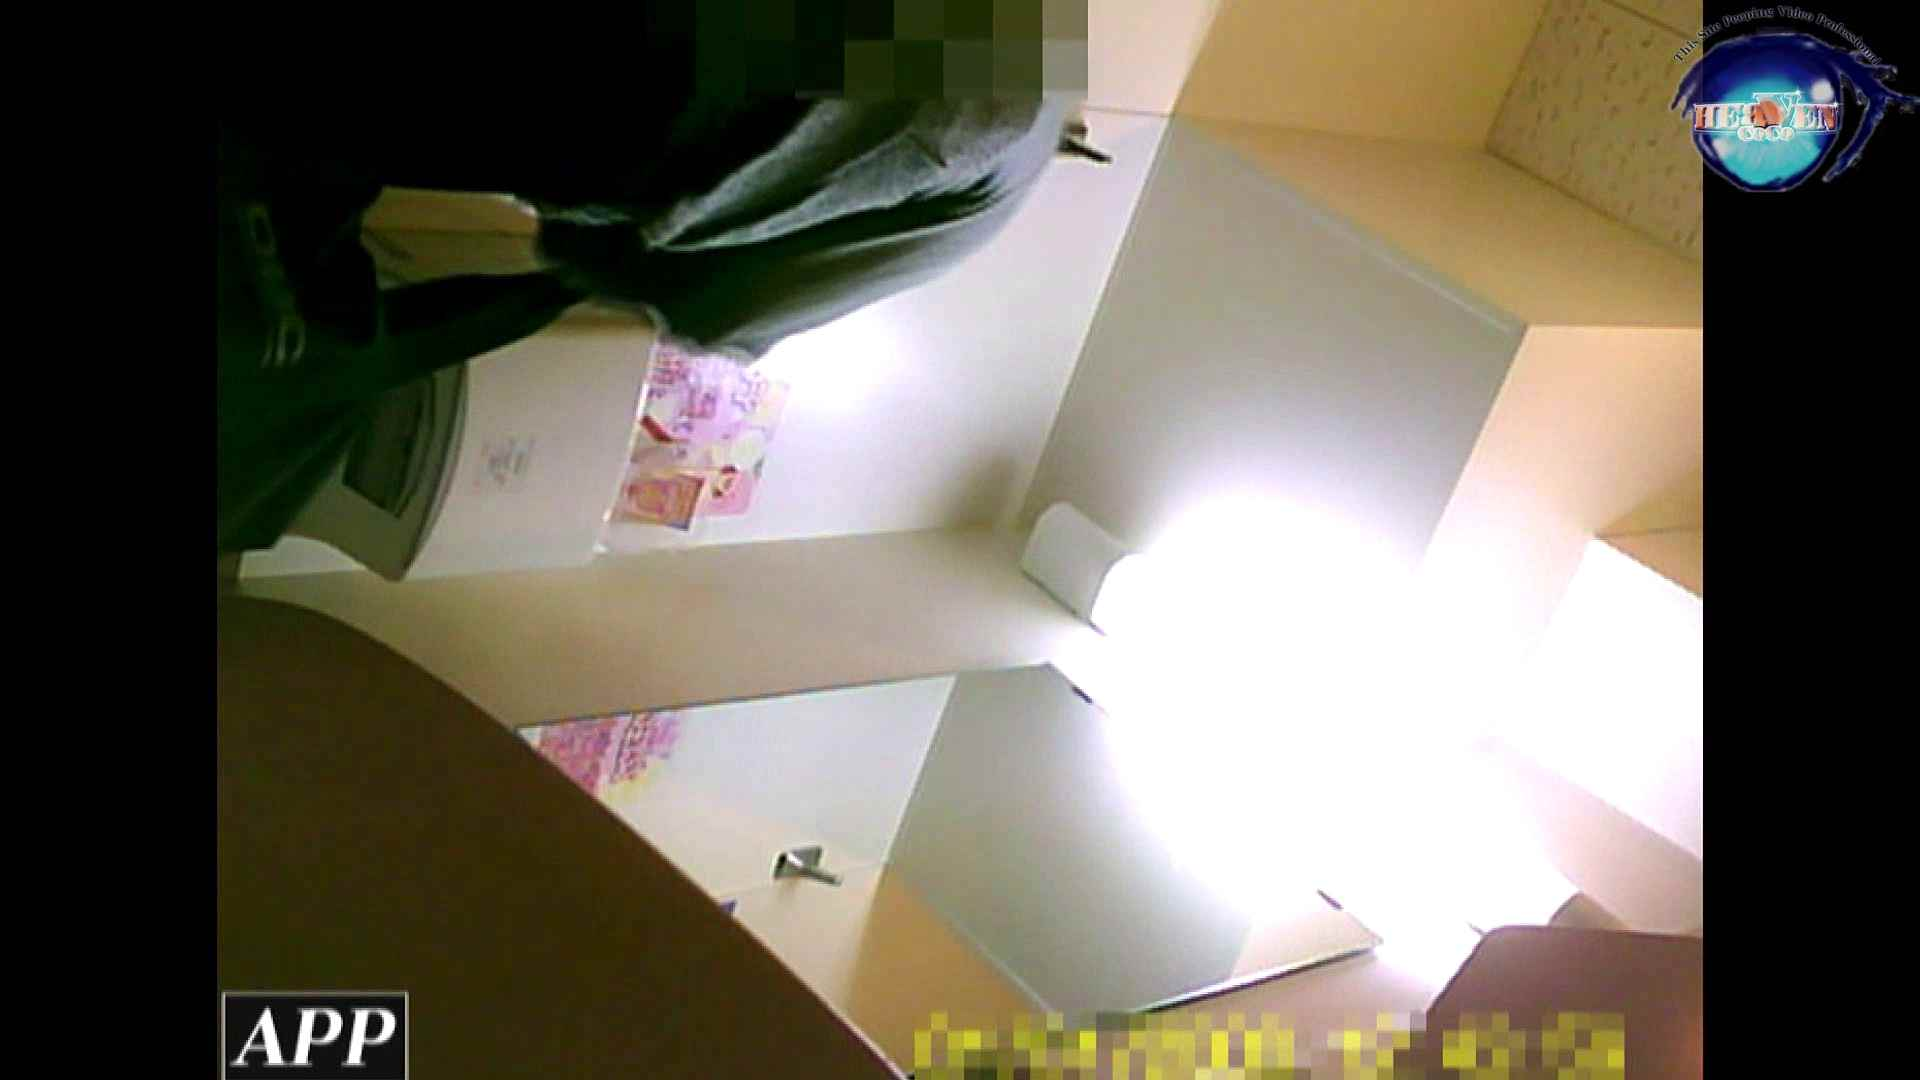 三つ目で盗撮 vol.16 マンコ・ムレムレ 盗み撮り動画キャプチャ 103pic 43